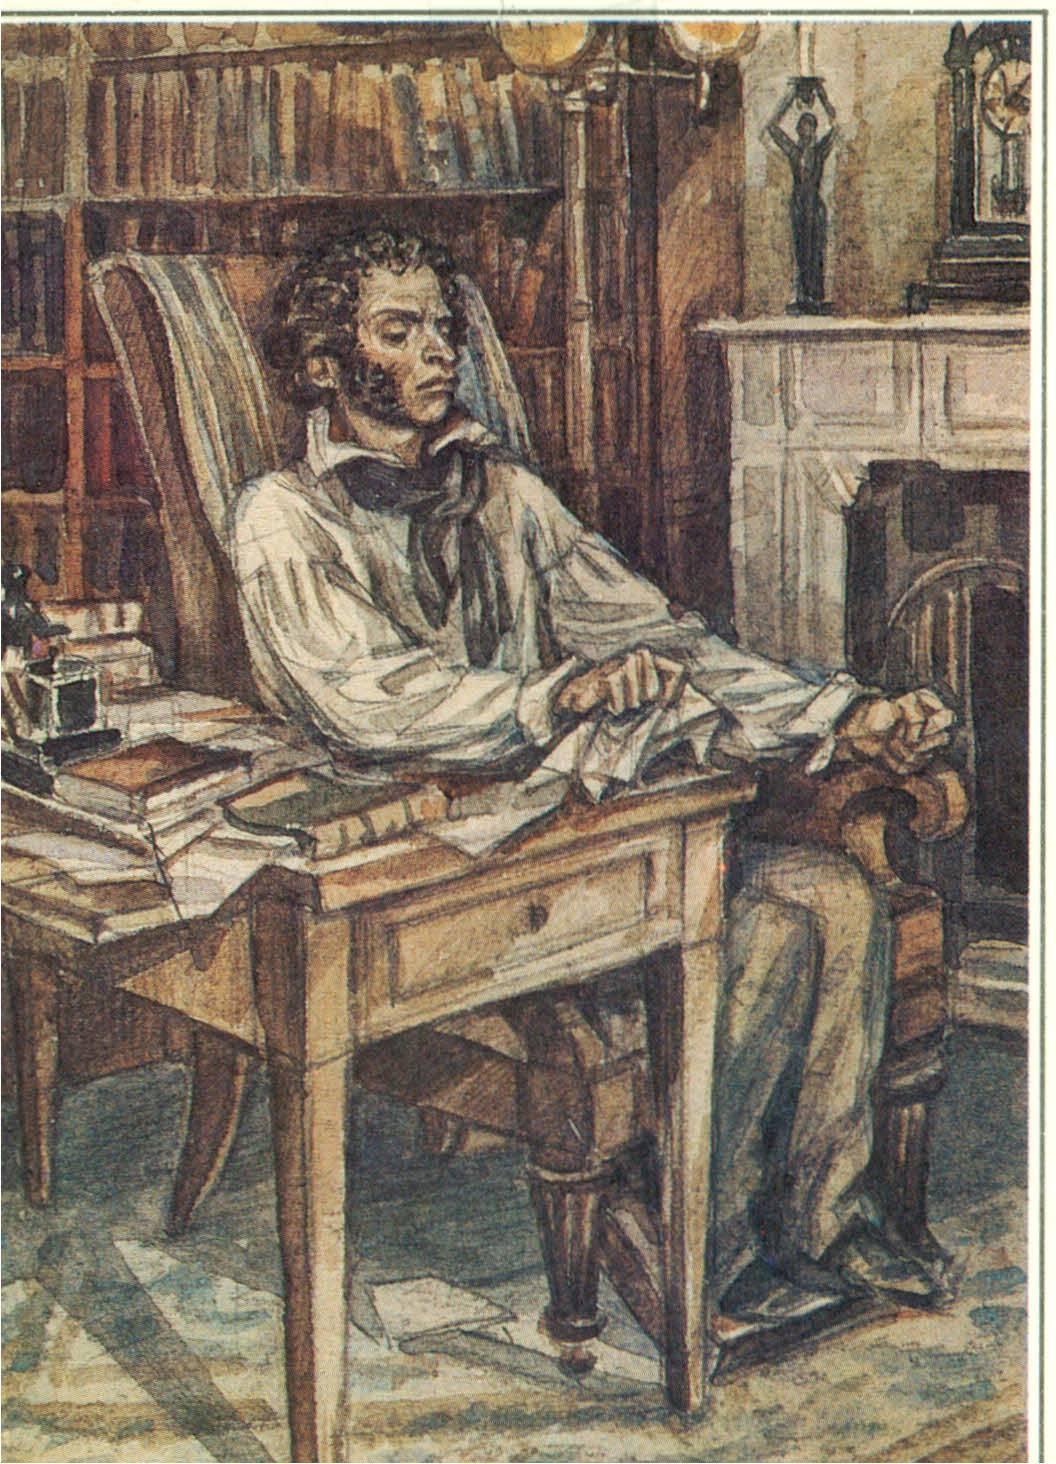 пушкин и анонимка фото одной самых